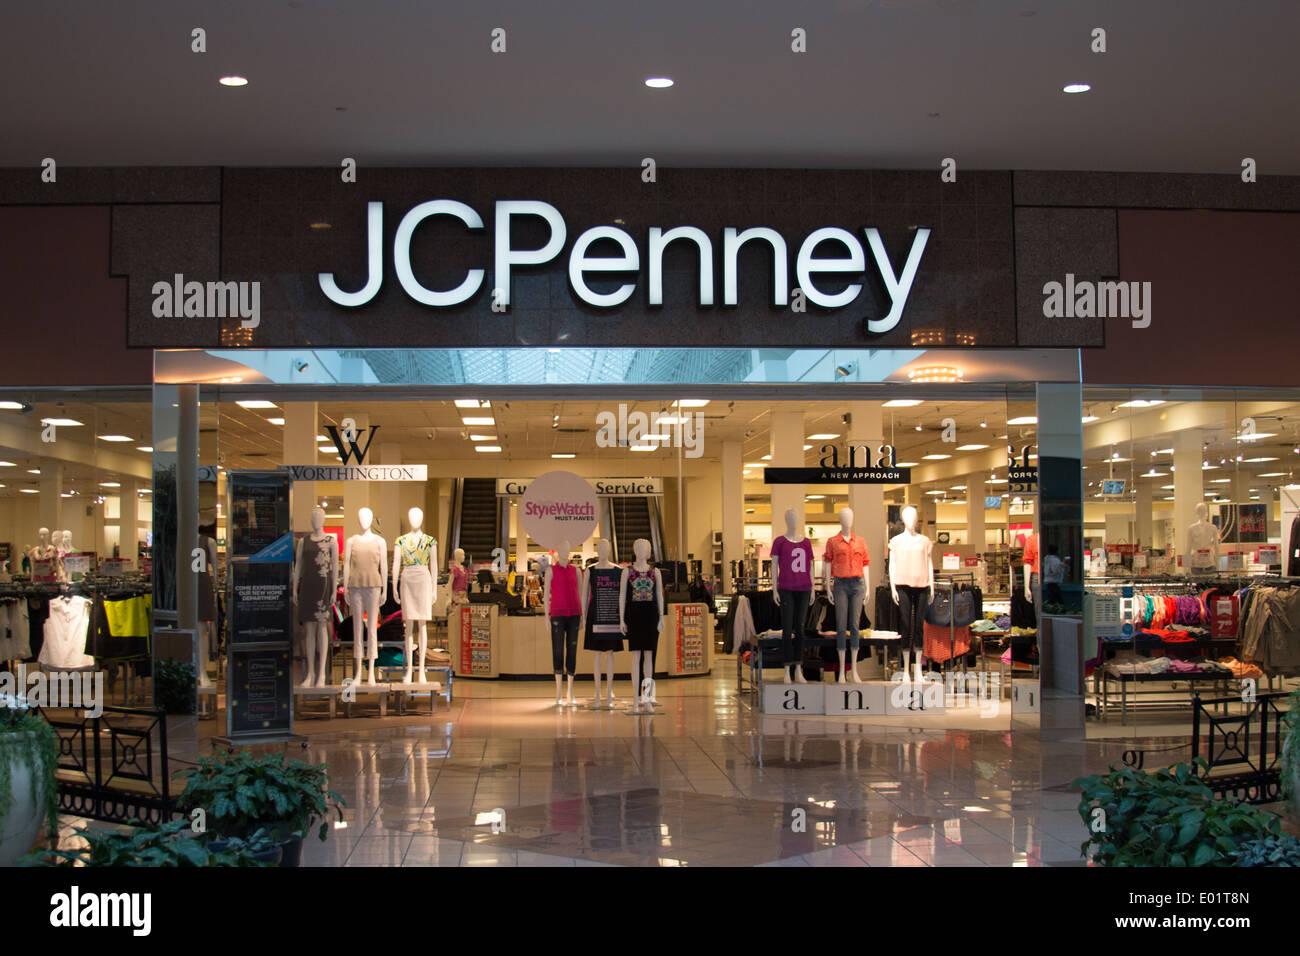 Destiny Mall Syracuse Ny Stock Photos & Destiny Mall Syracuse Ny ...